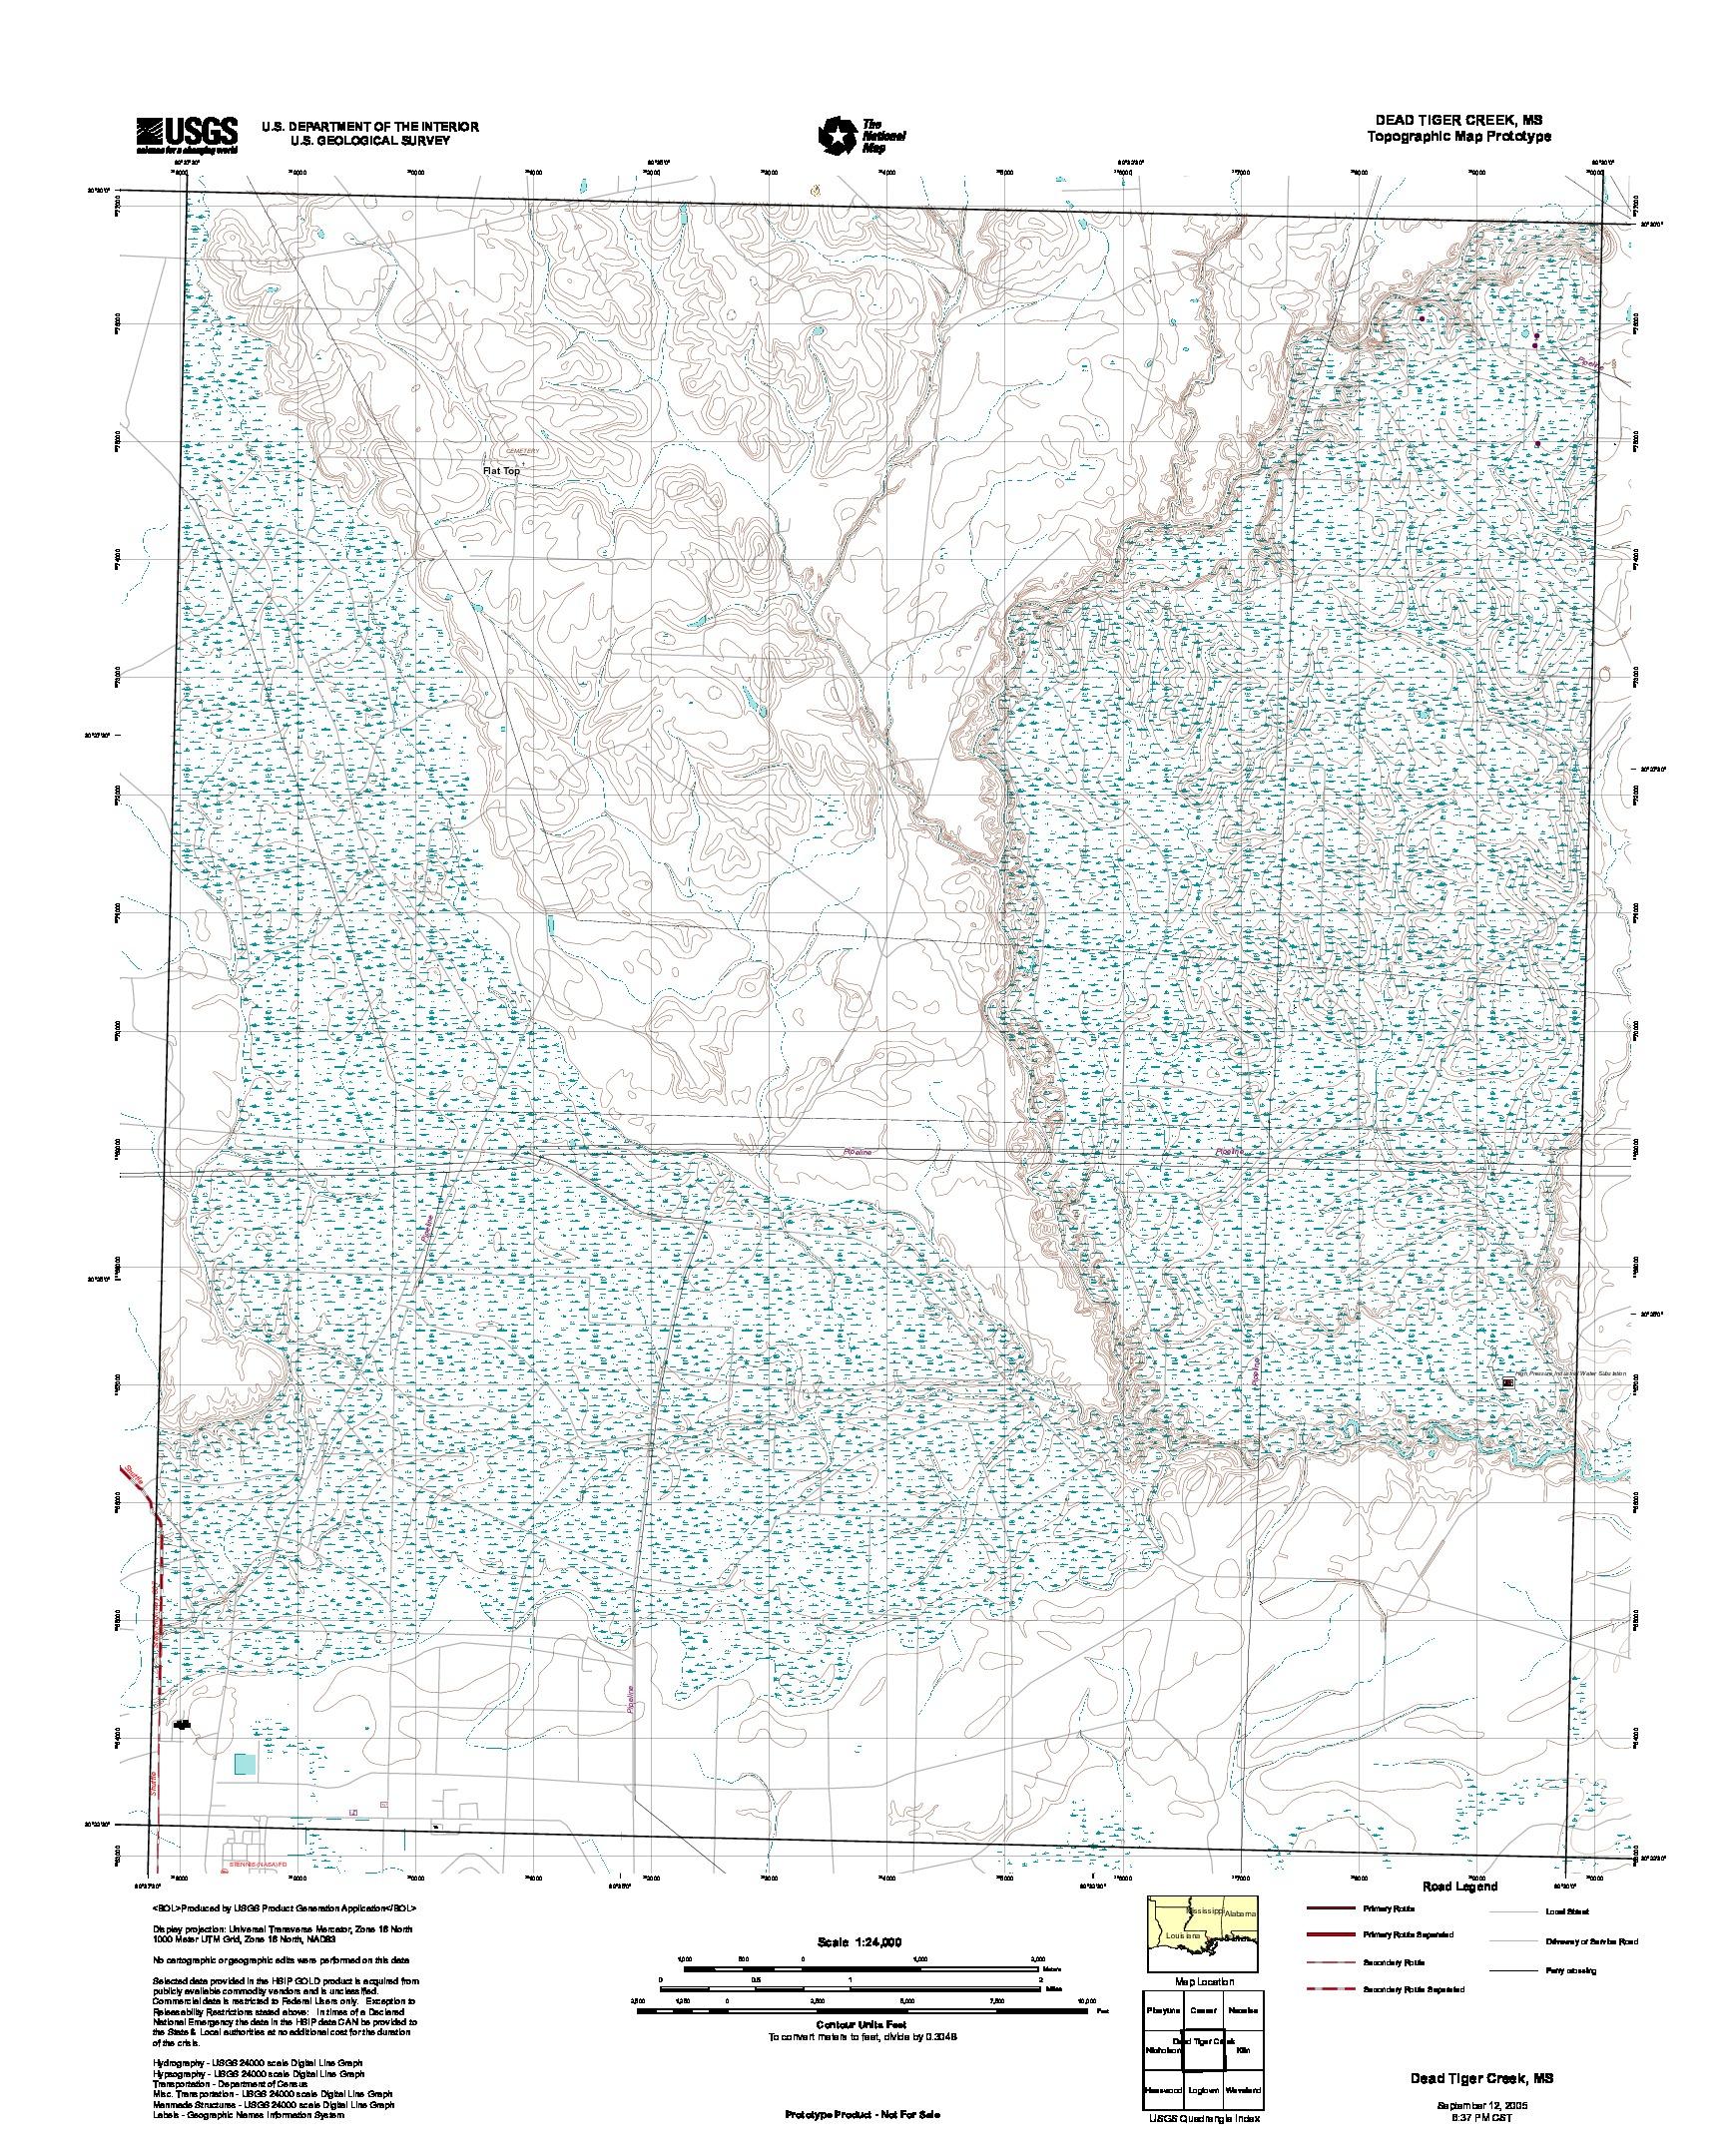 Prototipo de Mapa Topográfico dead Tiger Creek, Misisipi, Estados Unidos, Septiembre 12, 2005